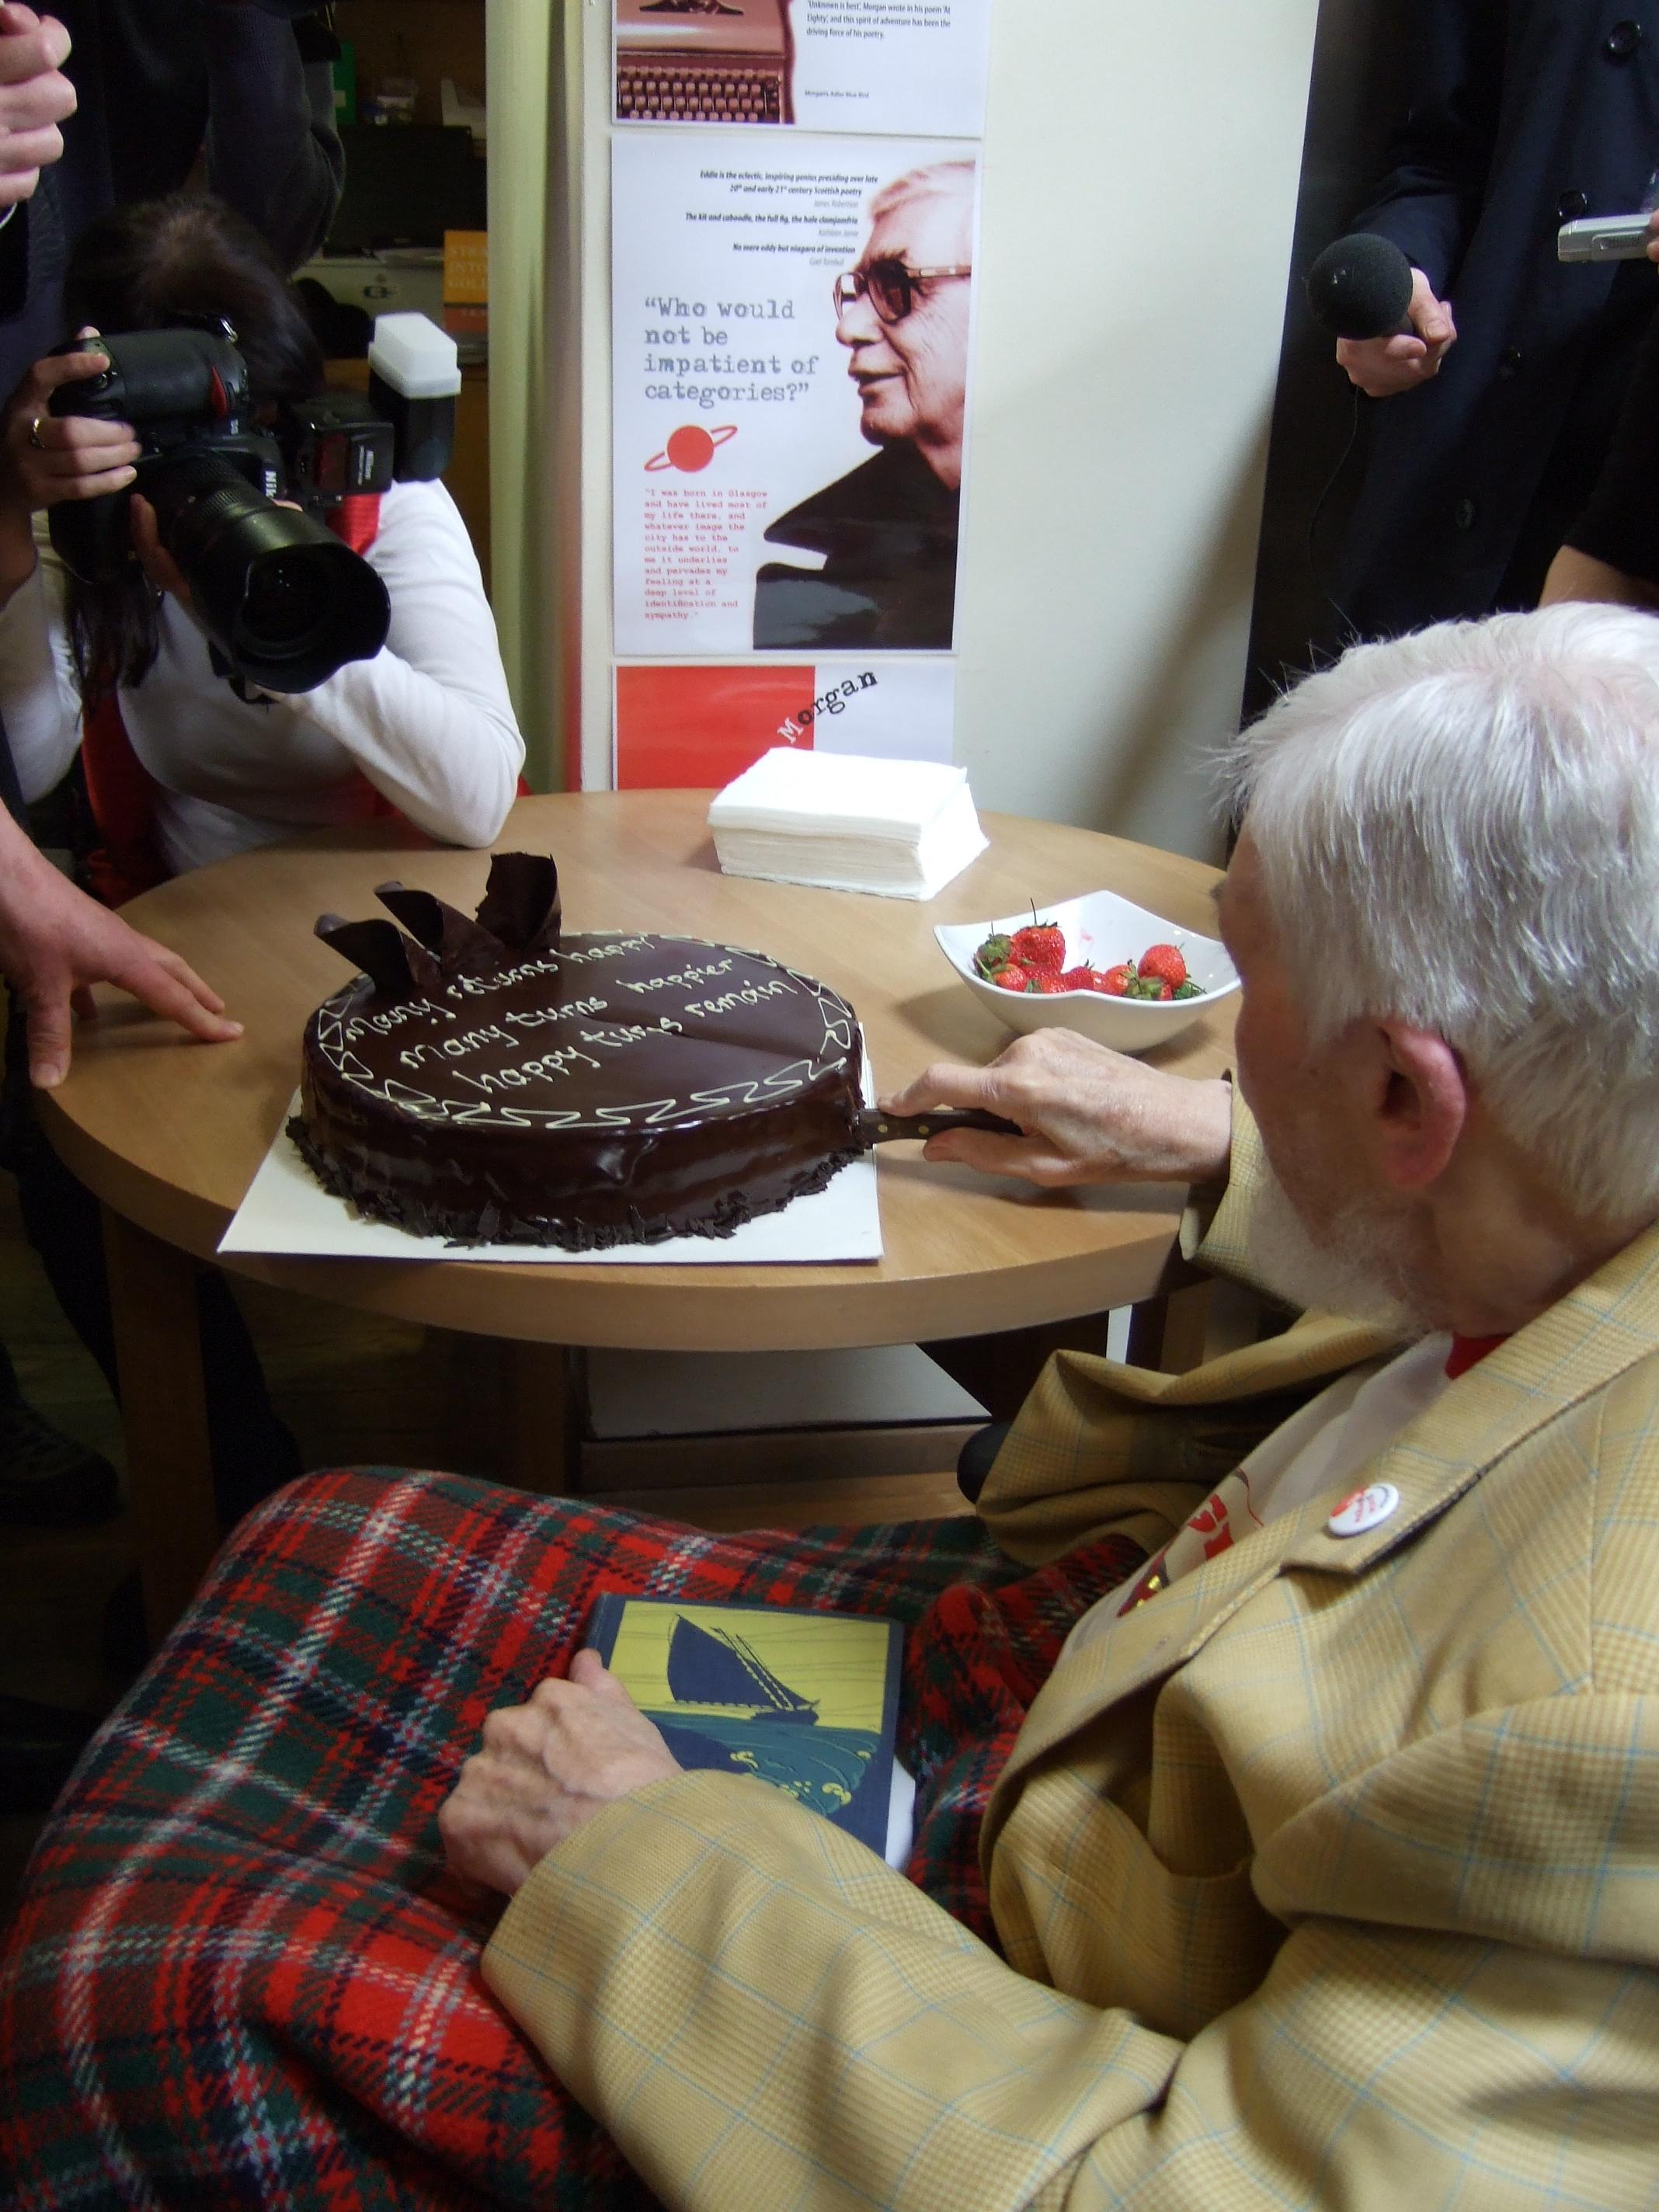 EM cuts the cake